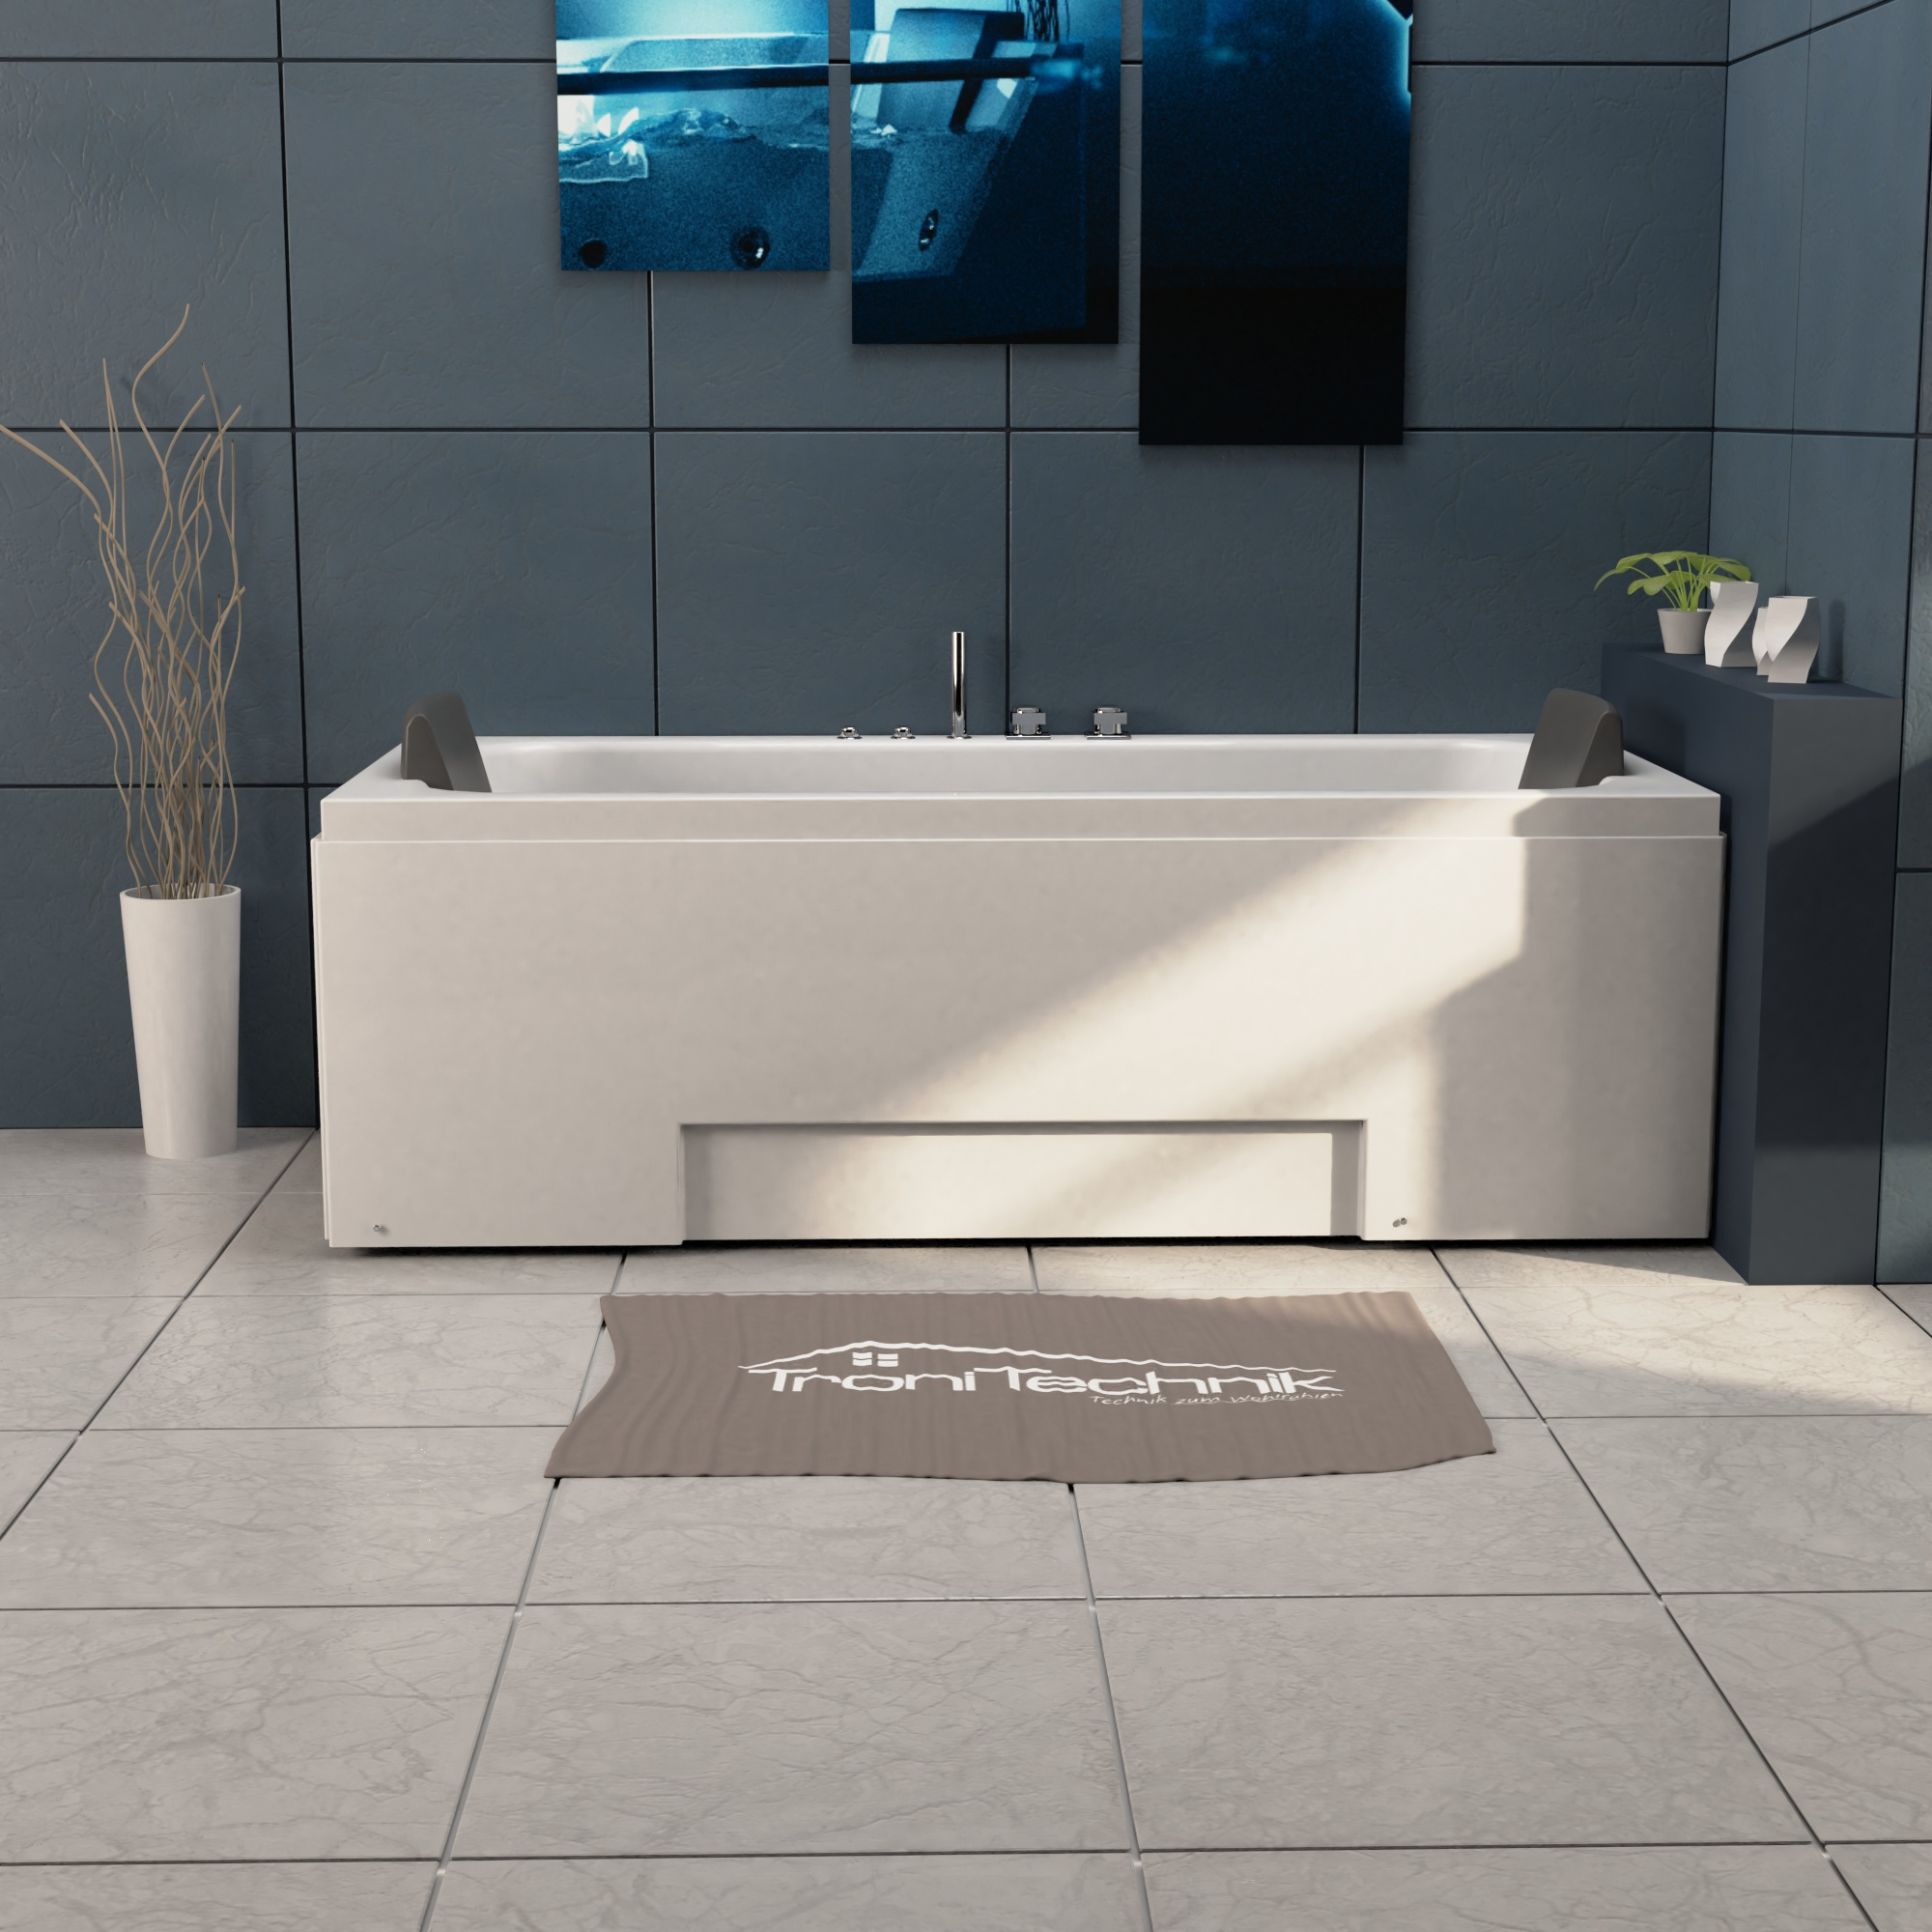 Whirlpool IOS 170 x 75, für den Innenbereich